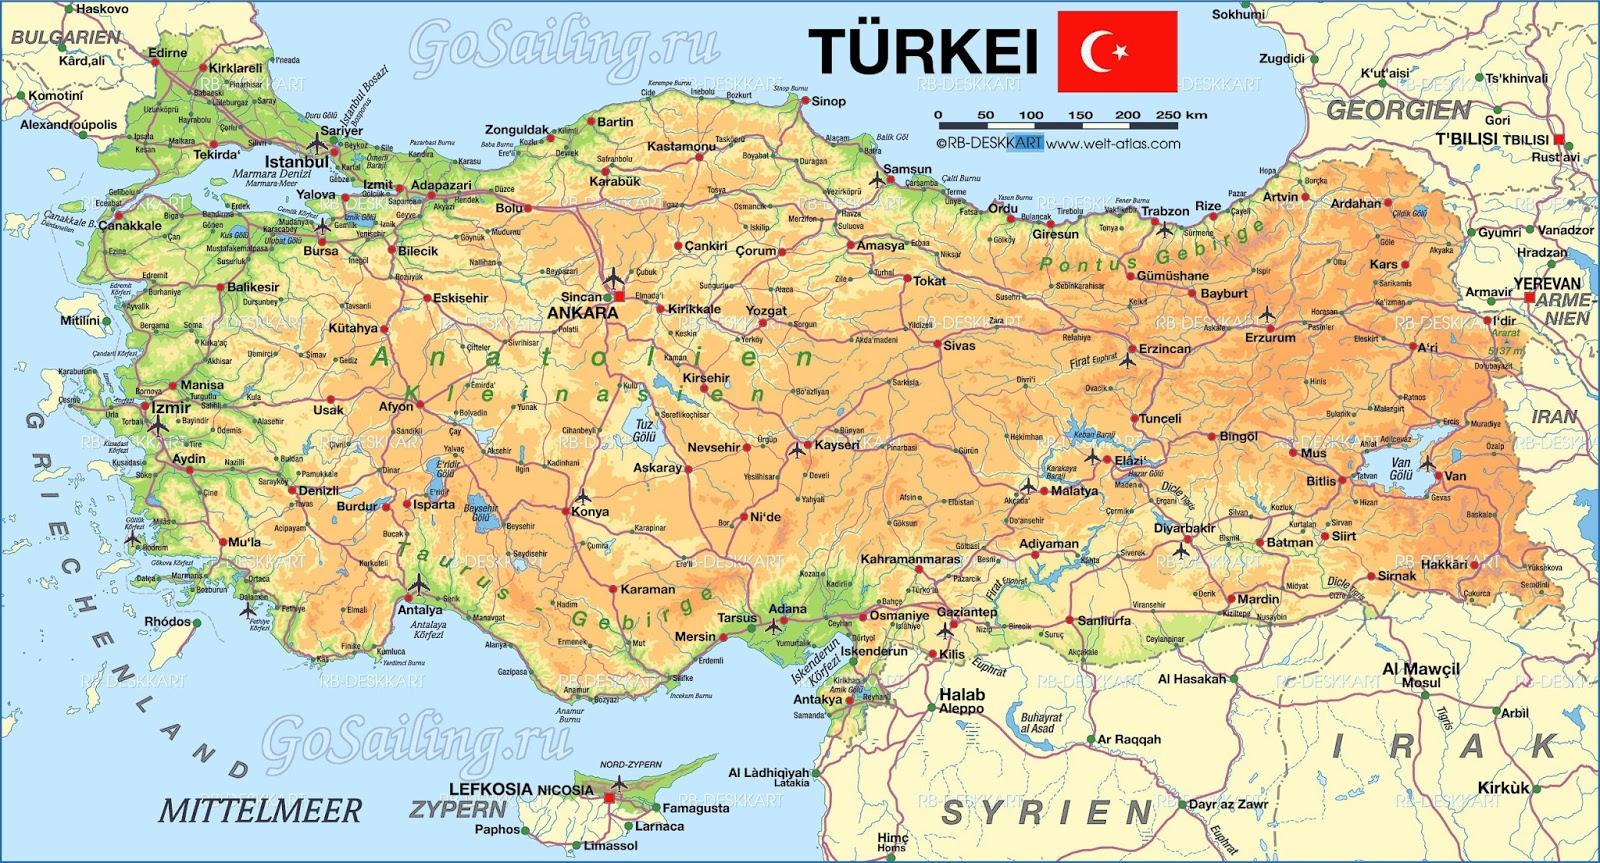 Turcja Dum Spiro Spero Turcja Bezpieczna I Turcja Nie Zbyt